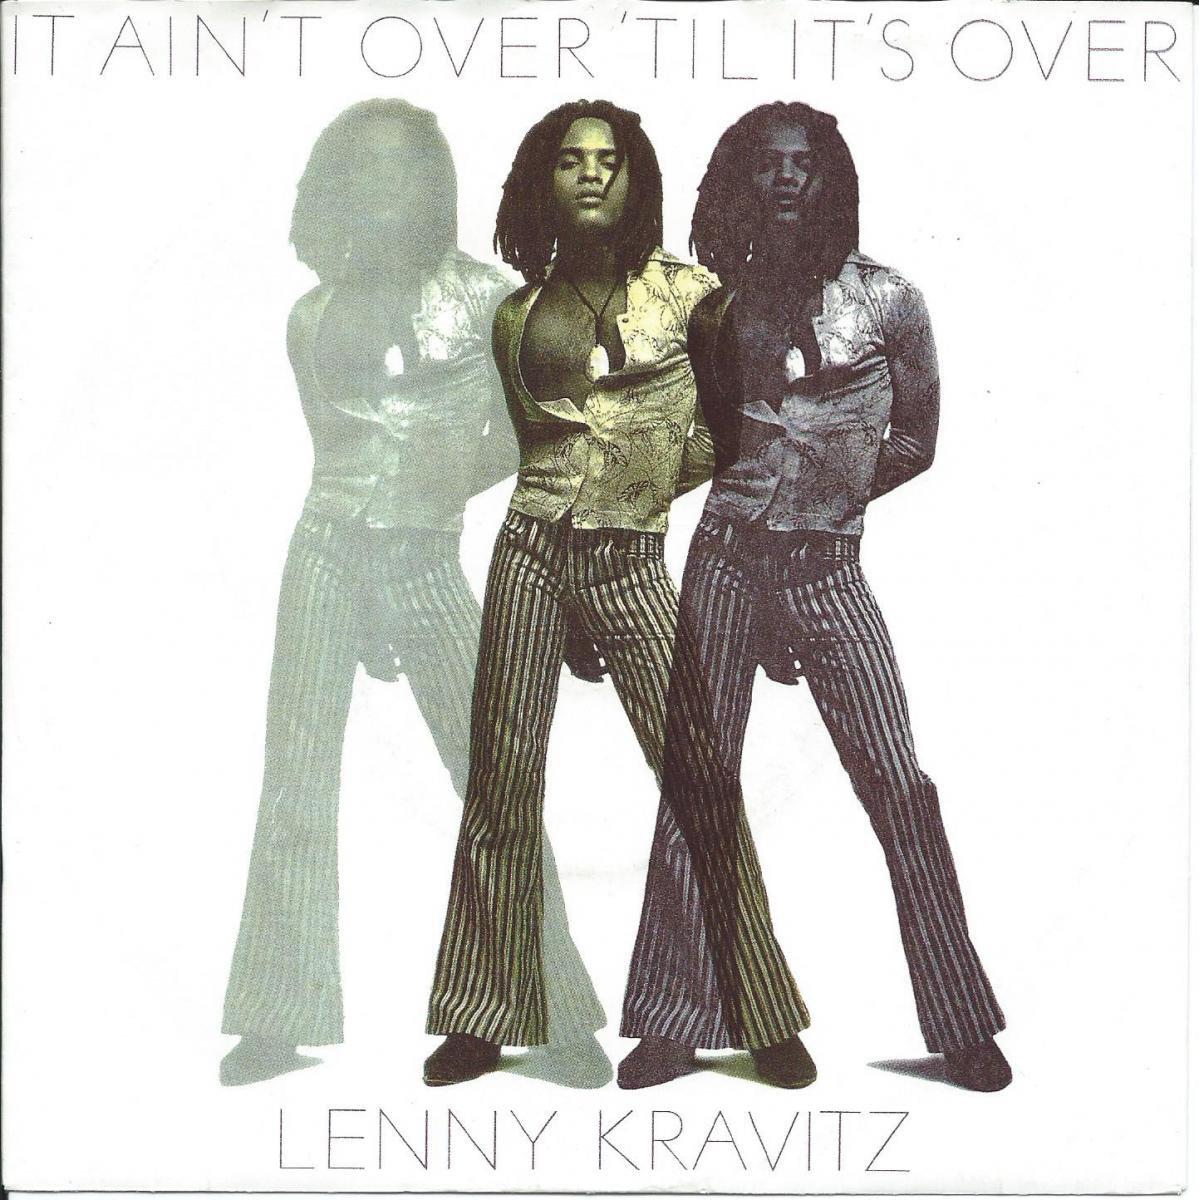 LENNY KRAVITZ / IT AIN'T OVER 'TIL IT'S OVER (7